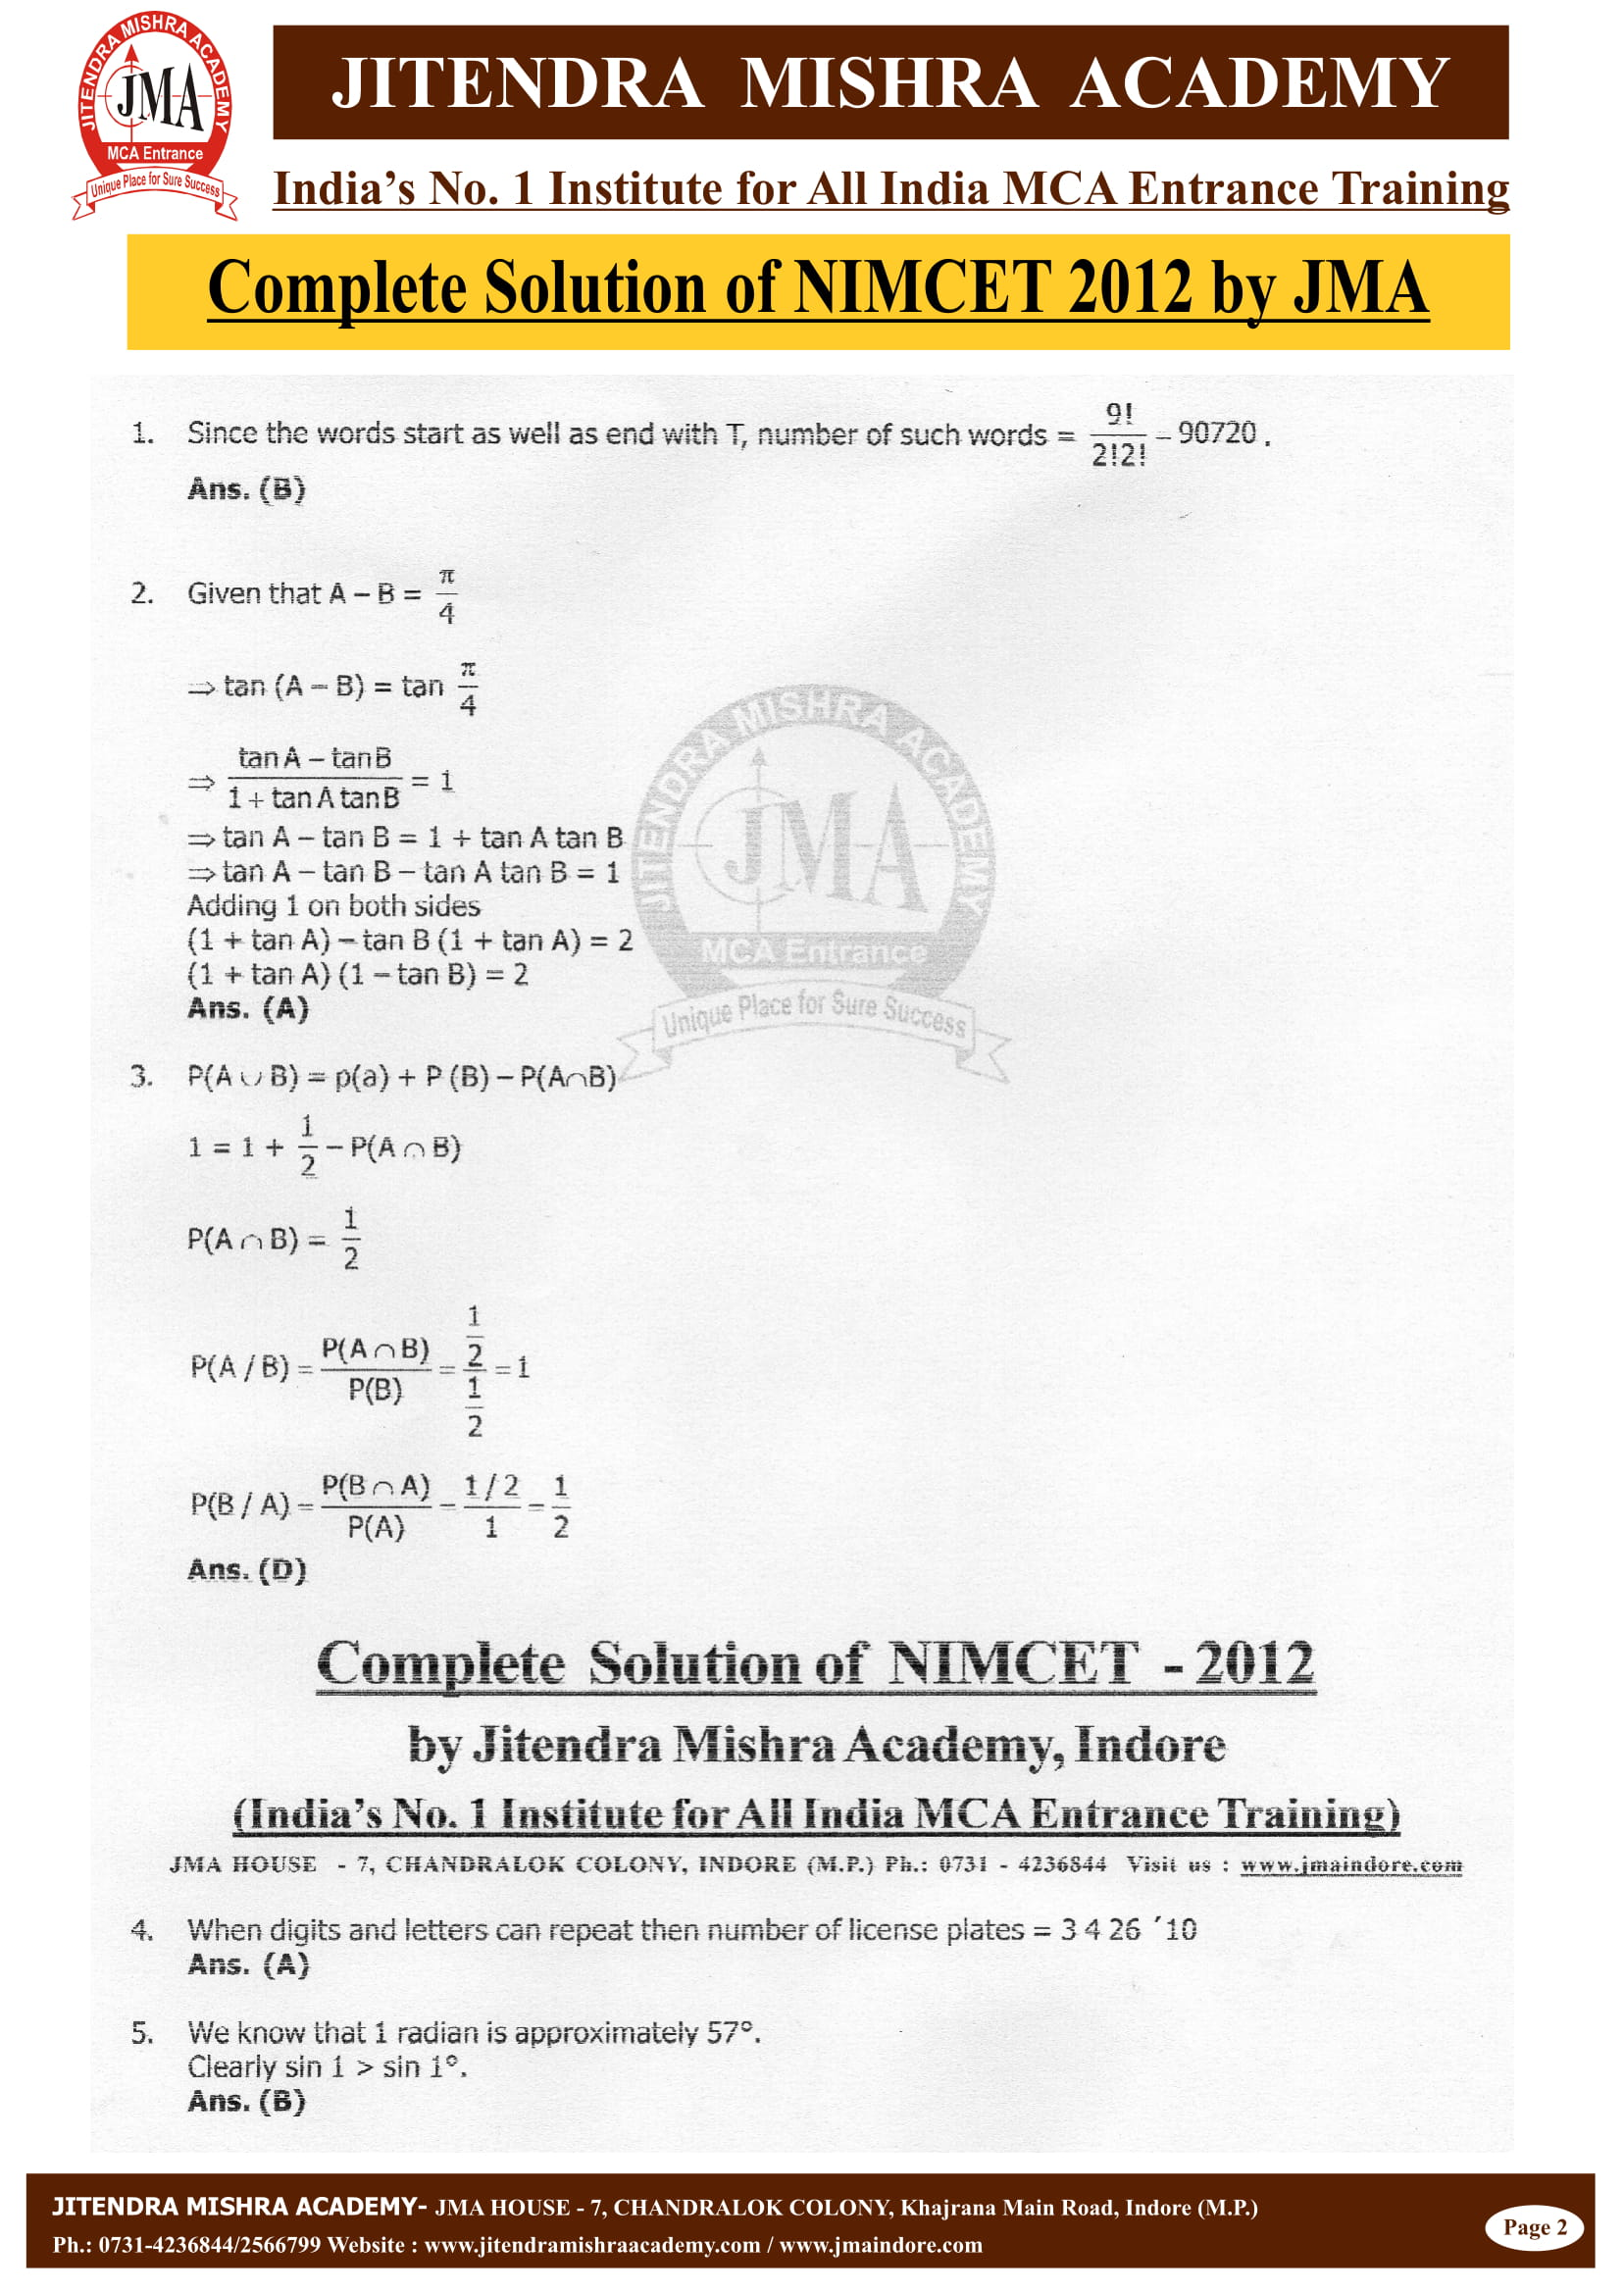 NIMCET - 2012 (SOLUTION)-02